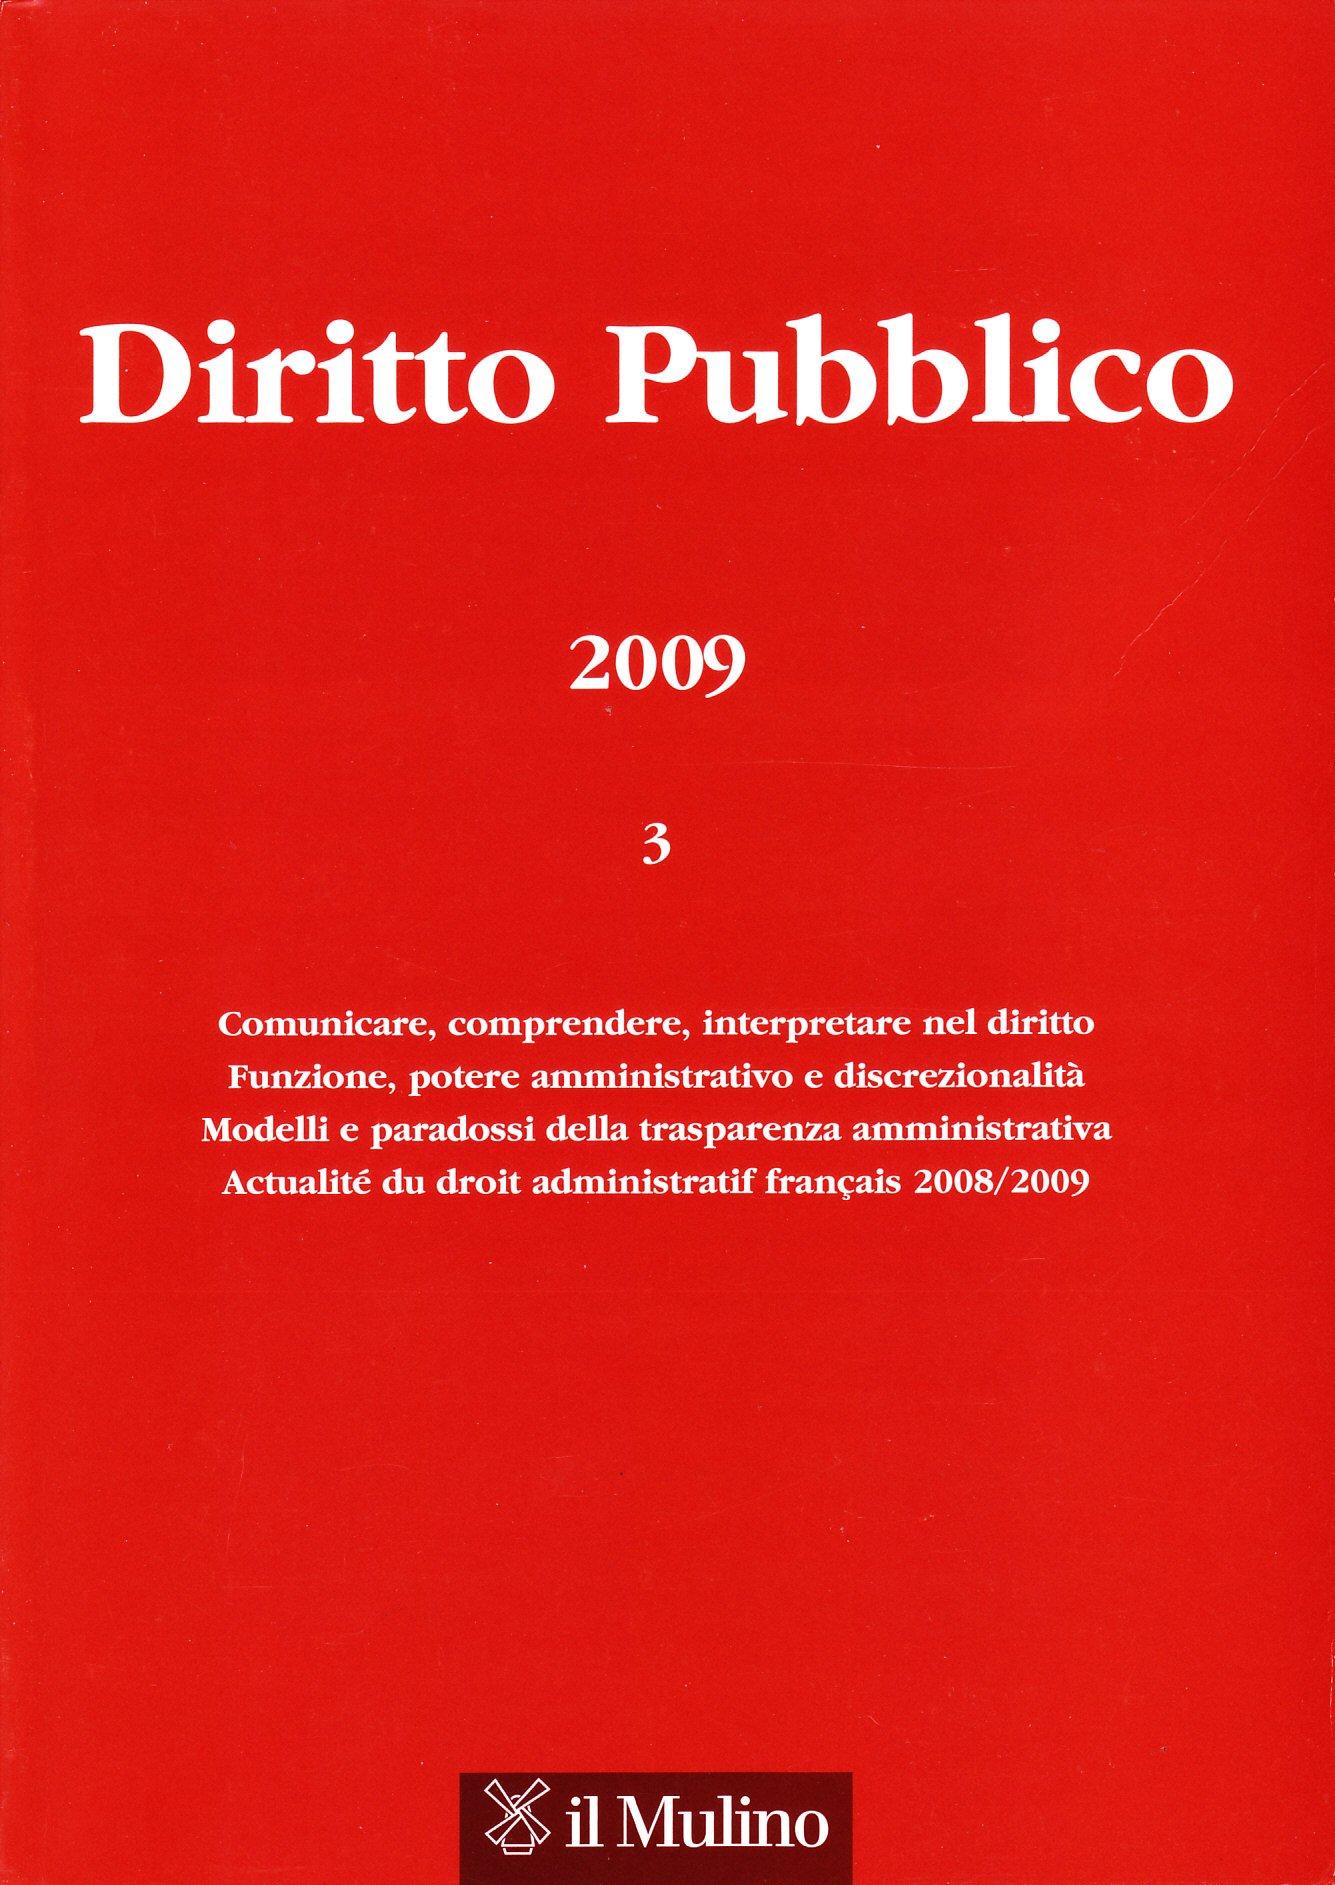 Actualité du droit administratif français 2008/2009